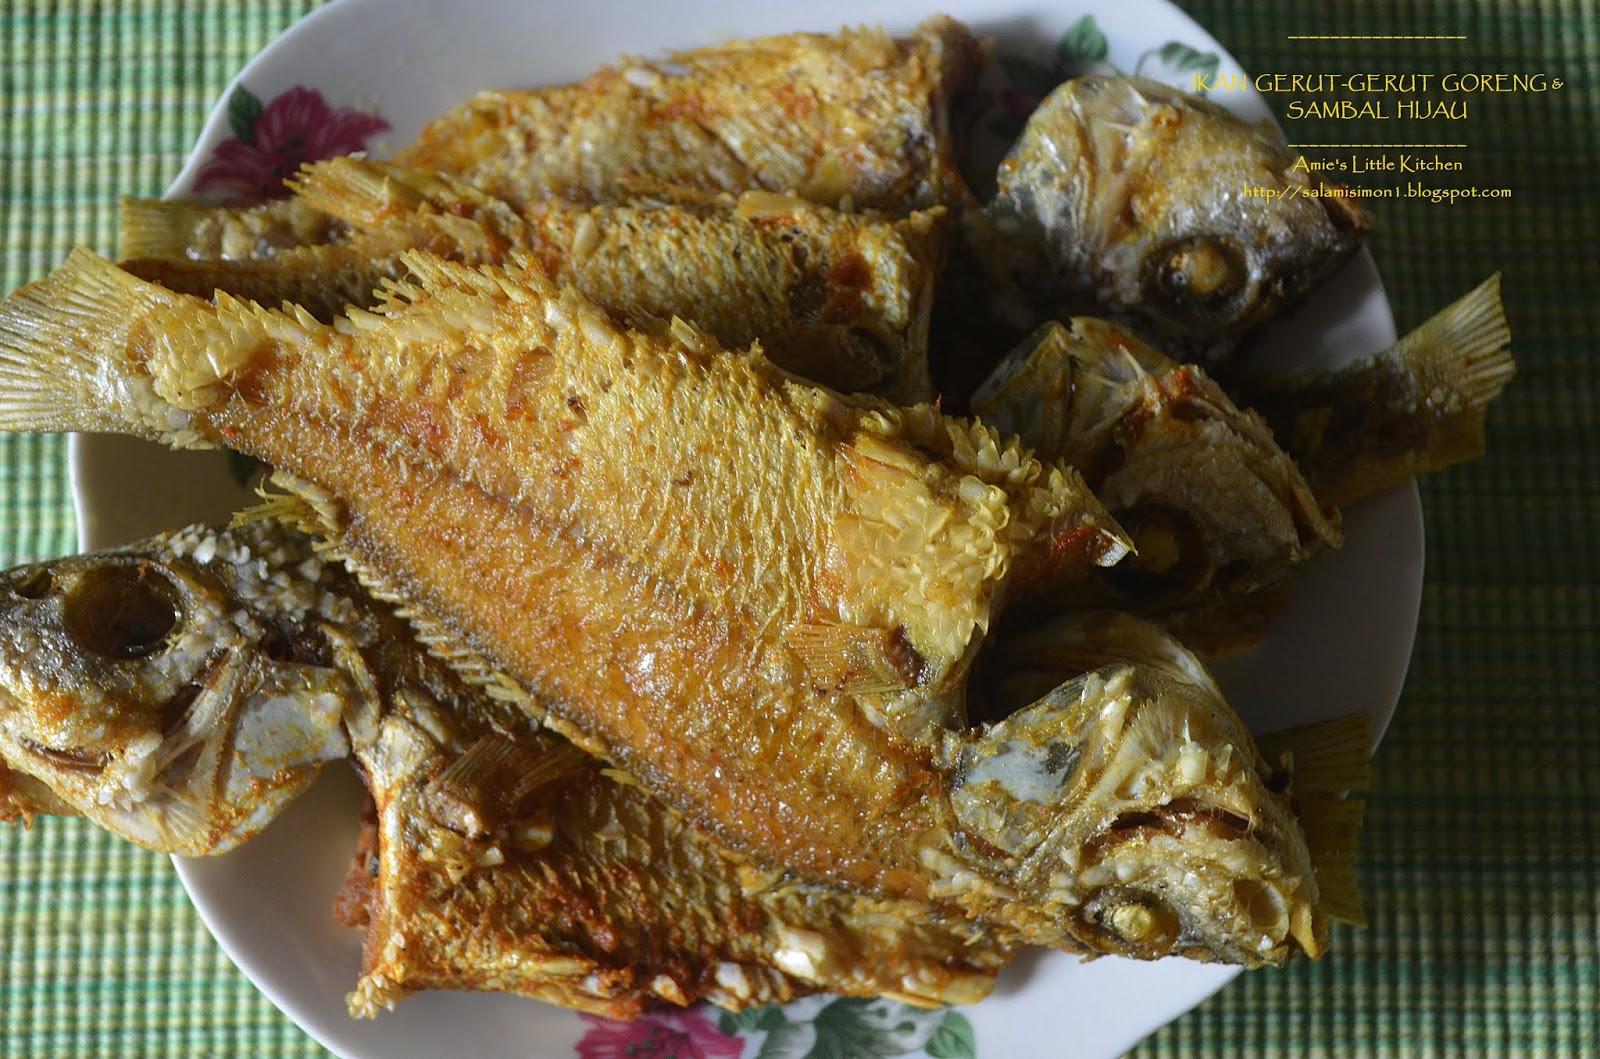 Amie S Little Kitchen Ikan Gerut Gerut Goreng Sambal Hijau Peria Tumis Dengan Udang